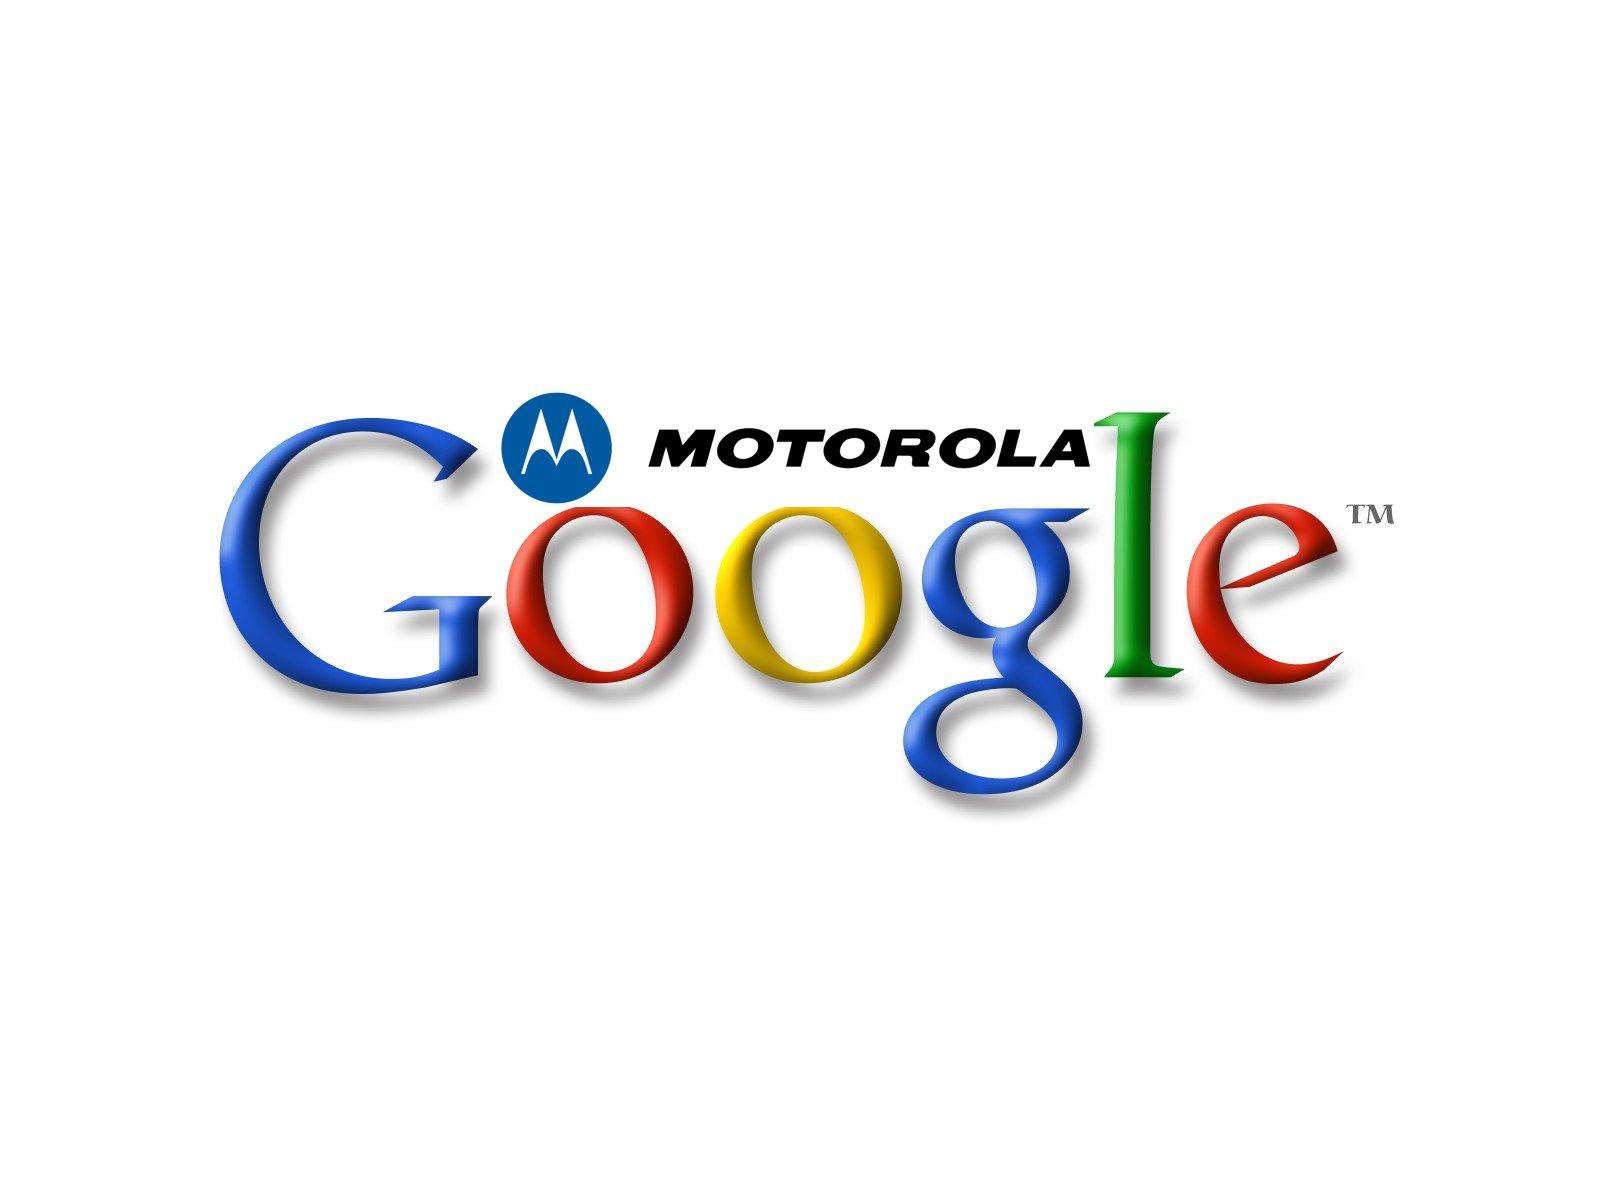 google.com_google.com.hk(香港)而不是cn?